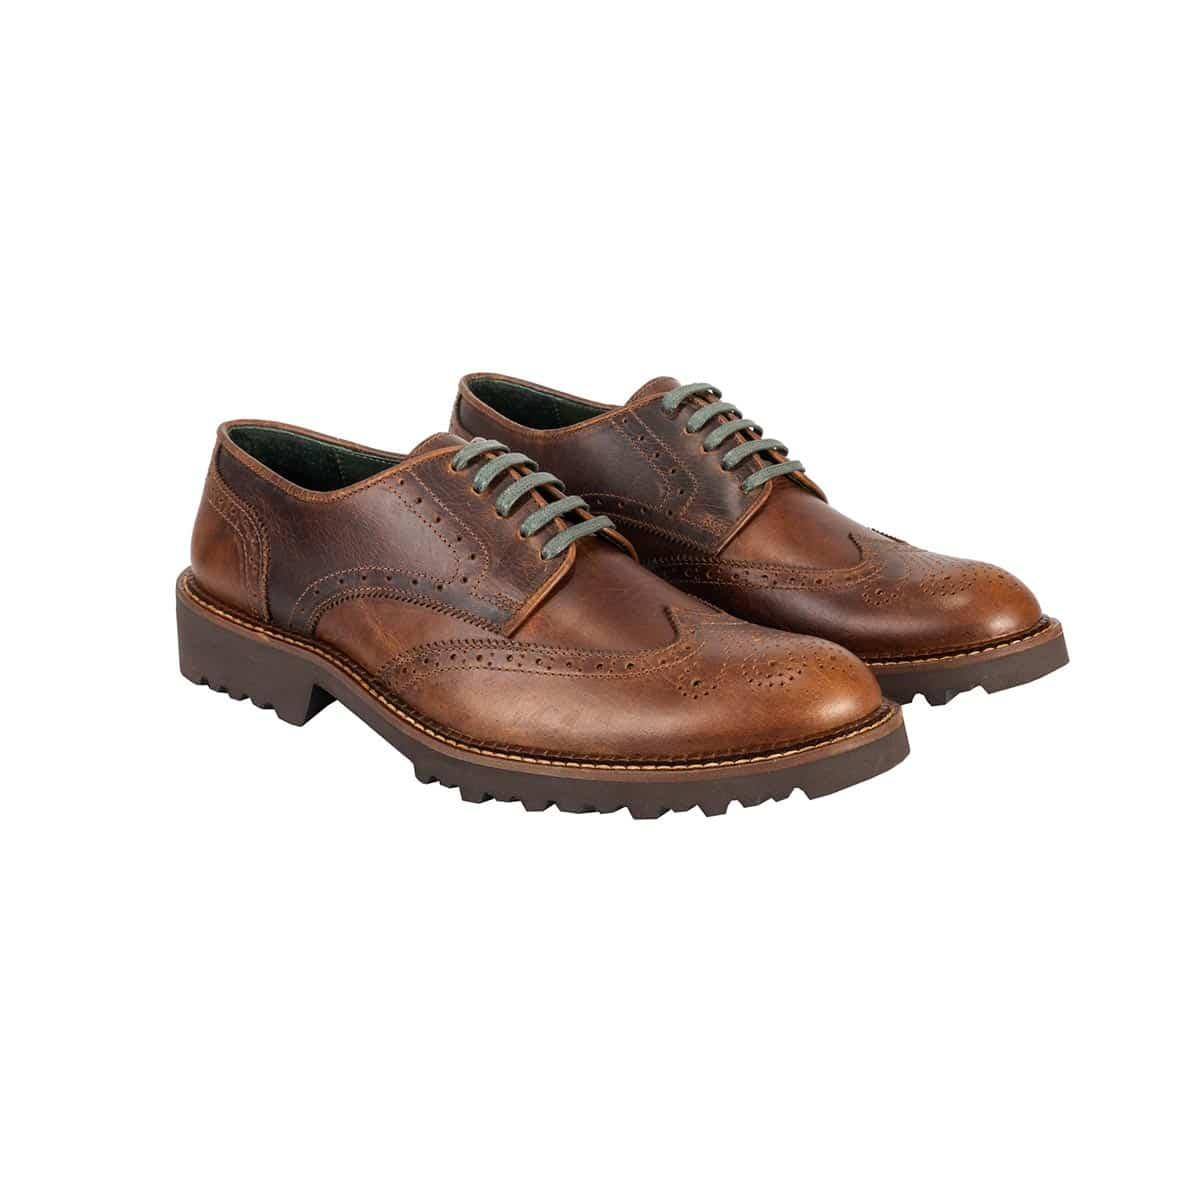 085-zapato-composition